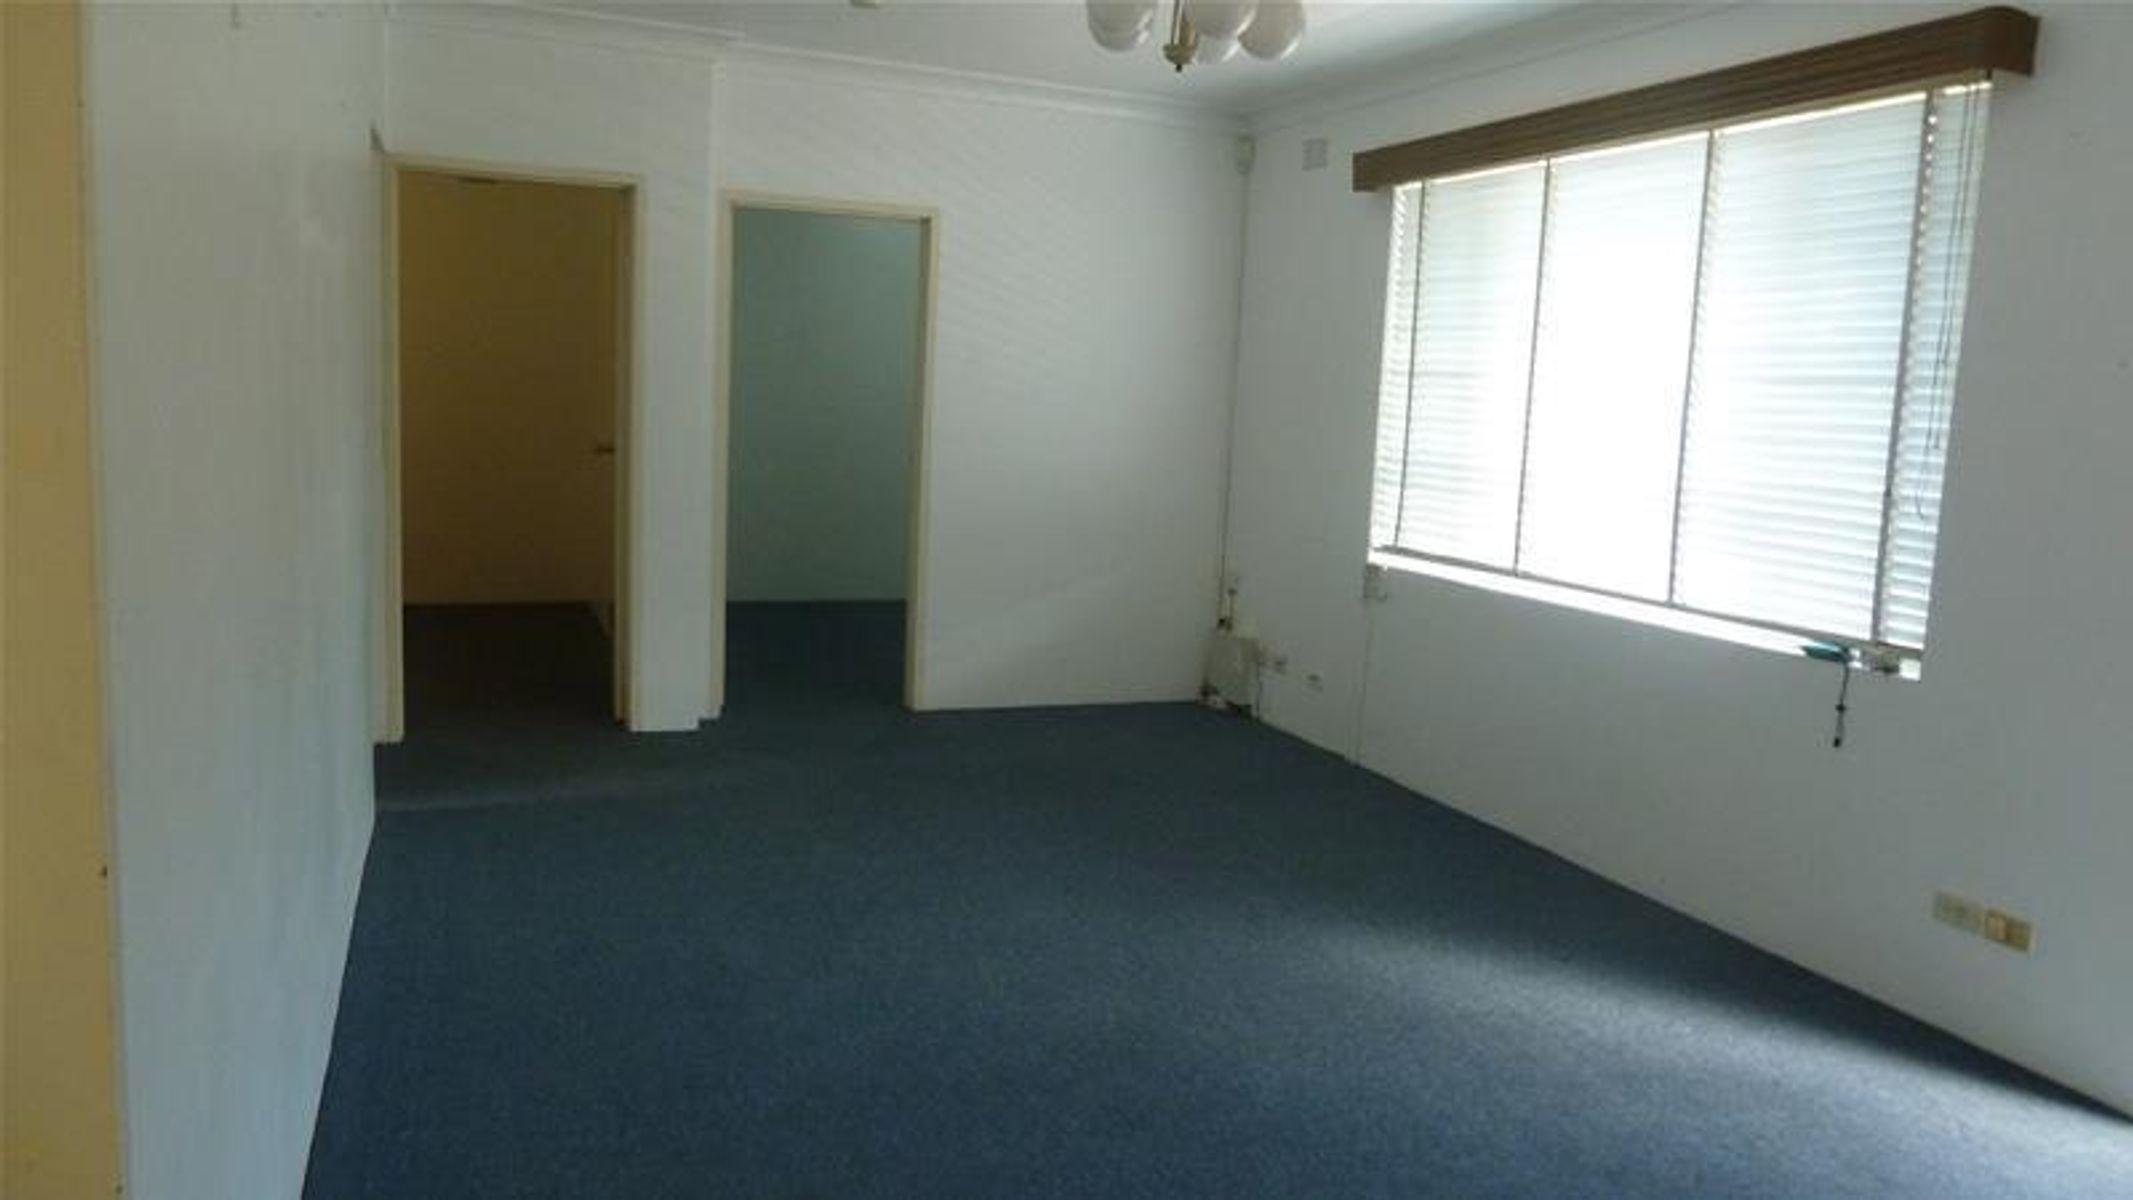 3/14 Macdonald Street, Lakemba, NSW 2195